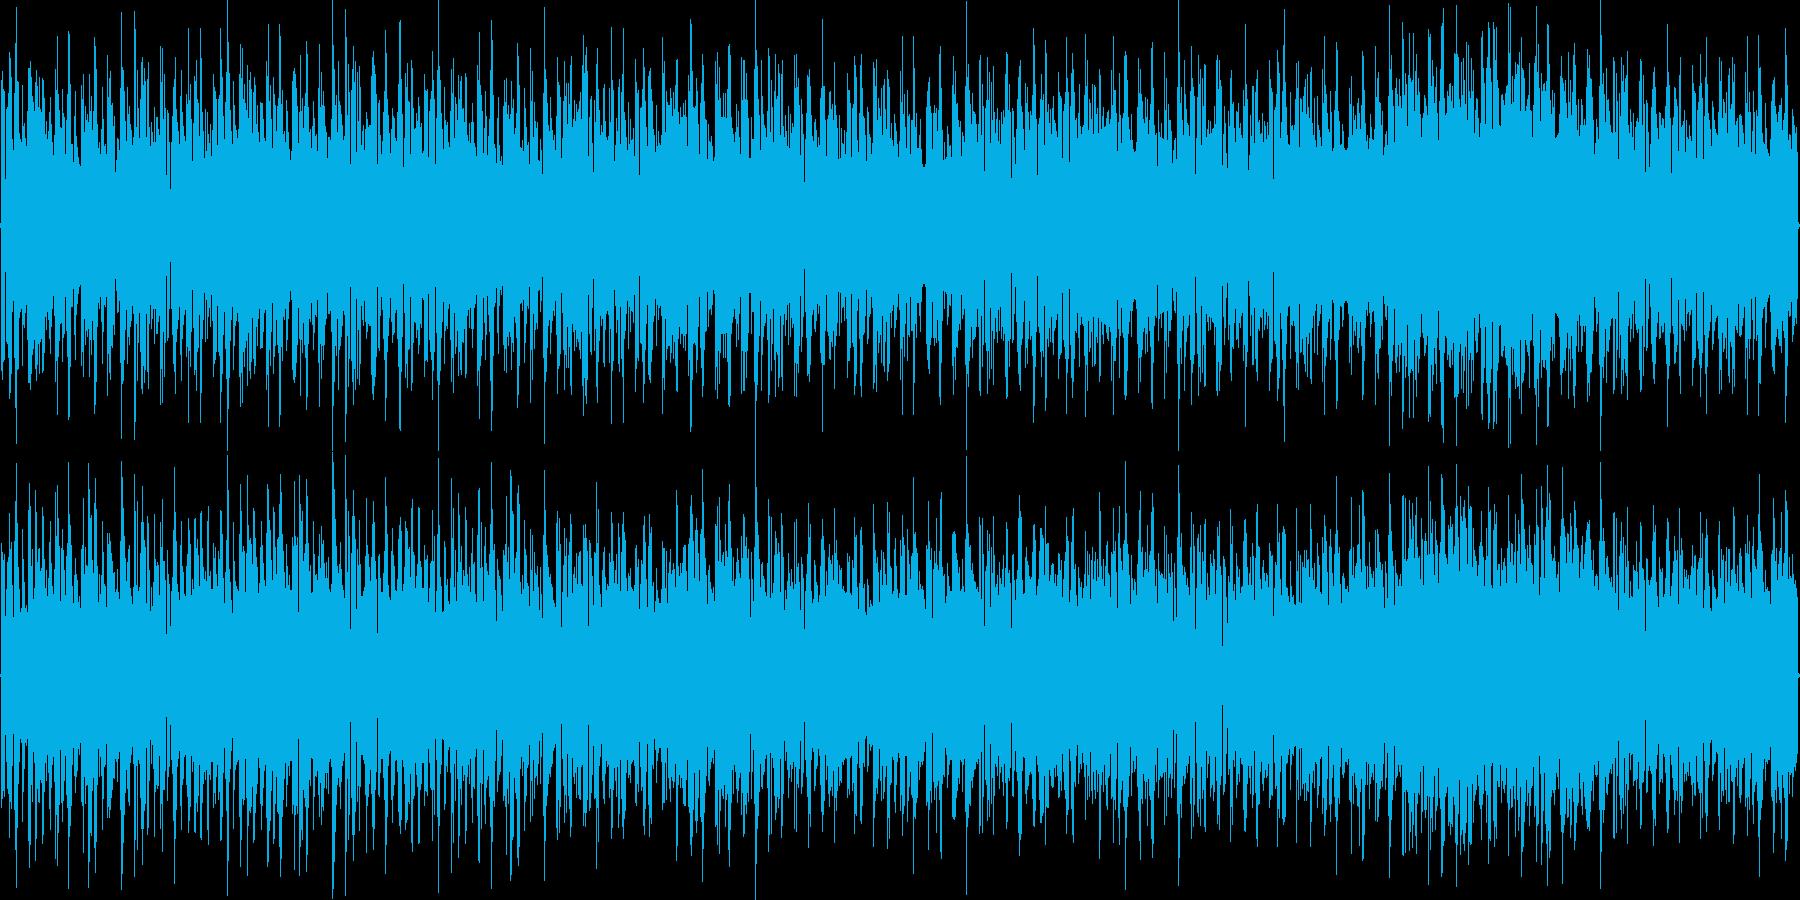 ハイパワートランスの再生済みの波形